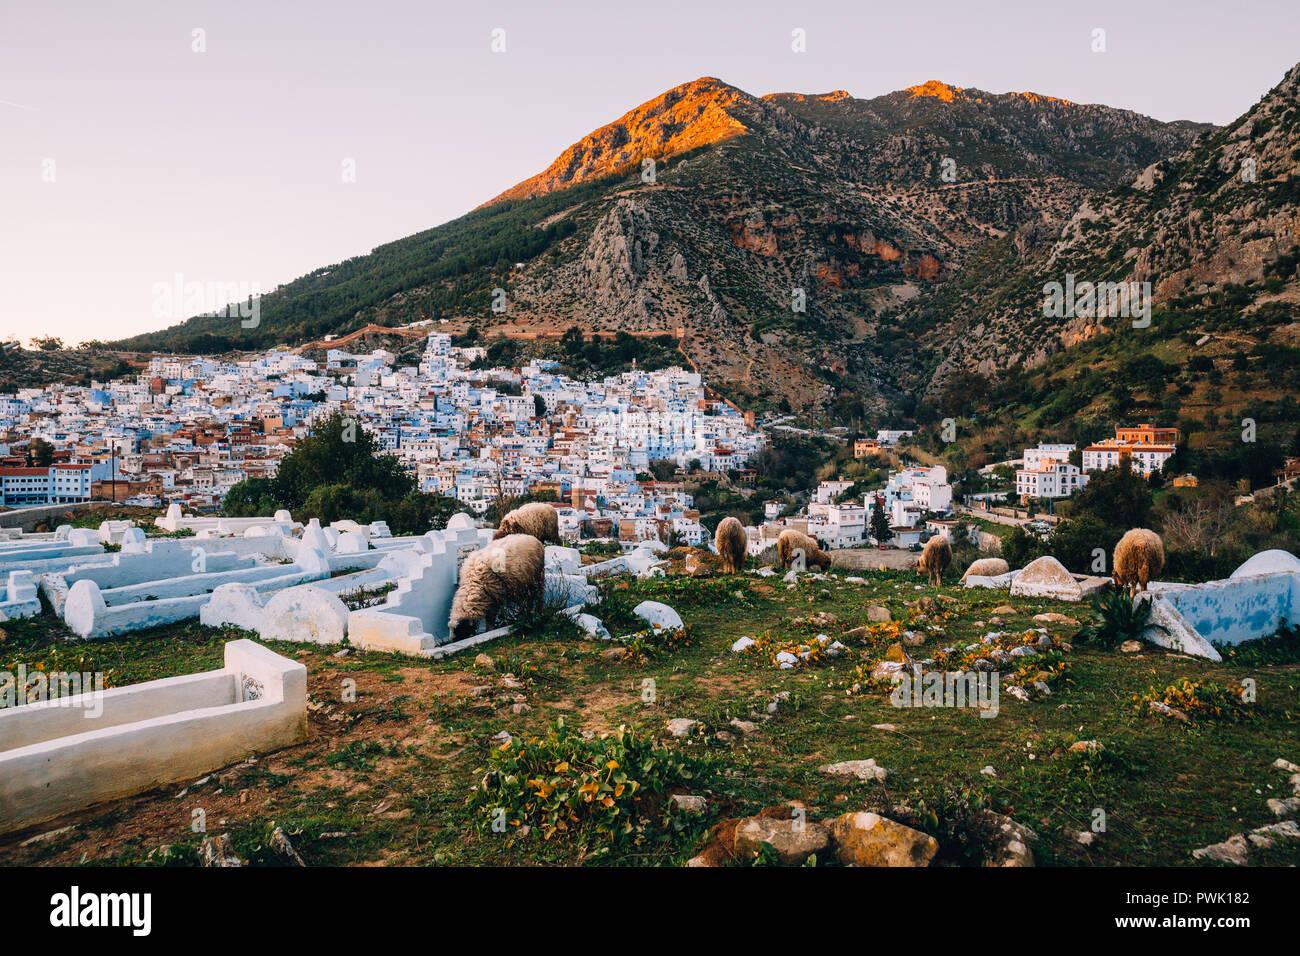 Die Skyline der Stadt Chefchaouen, Marokko, 2018 Stockbild